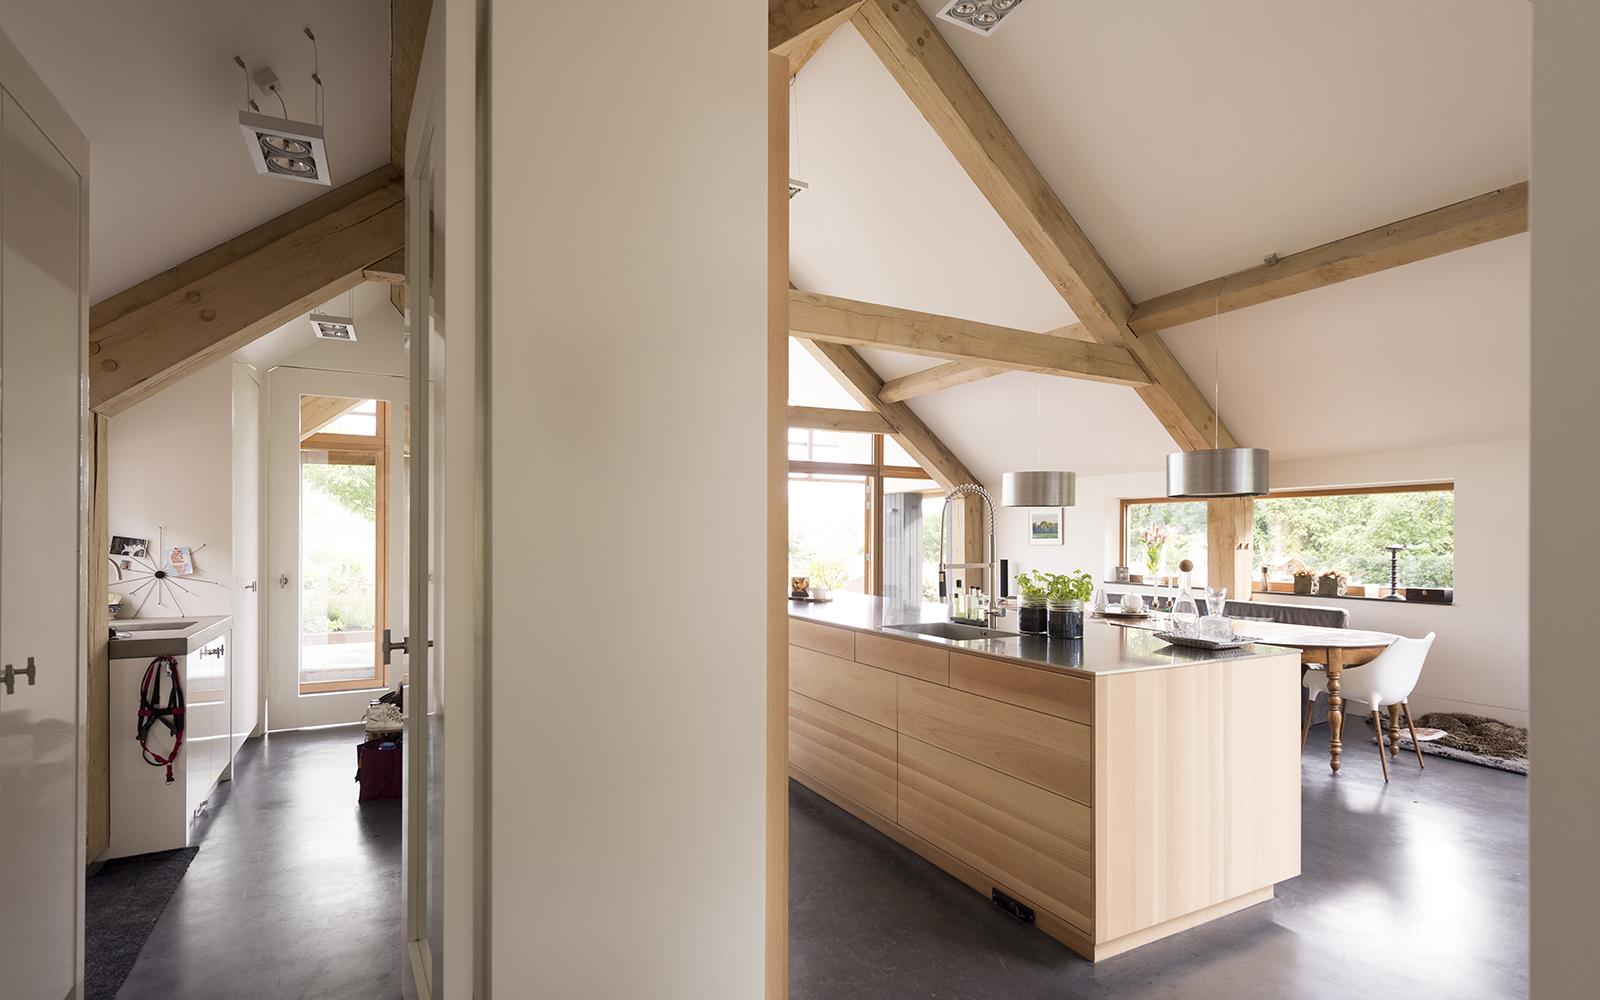 binnenkijken bij schuurwoning gerealiseerd door Morrenbouw, keuken